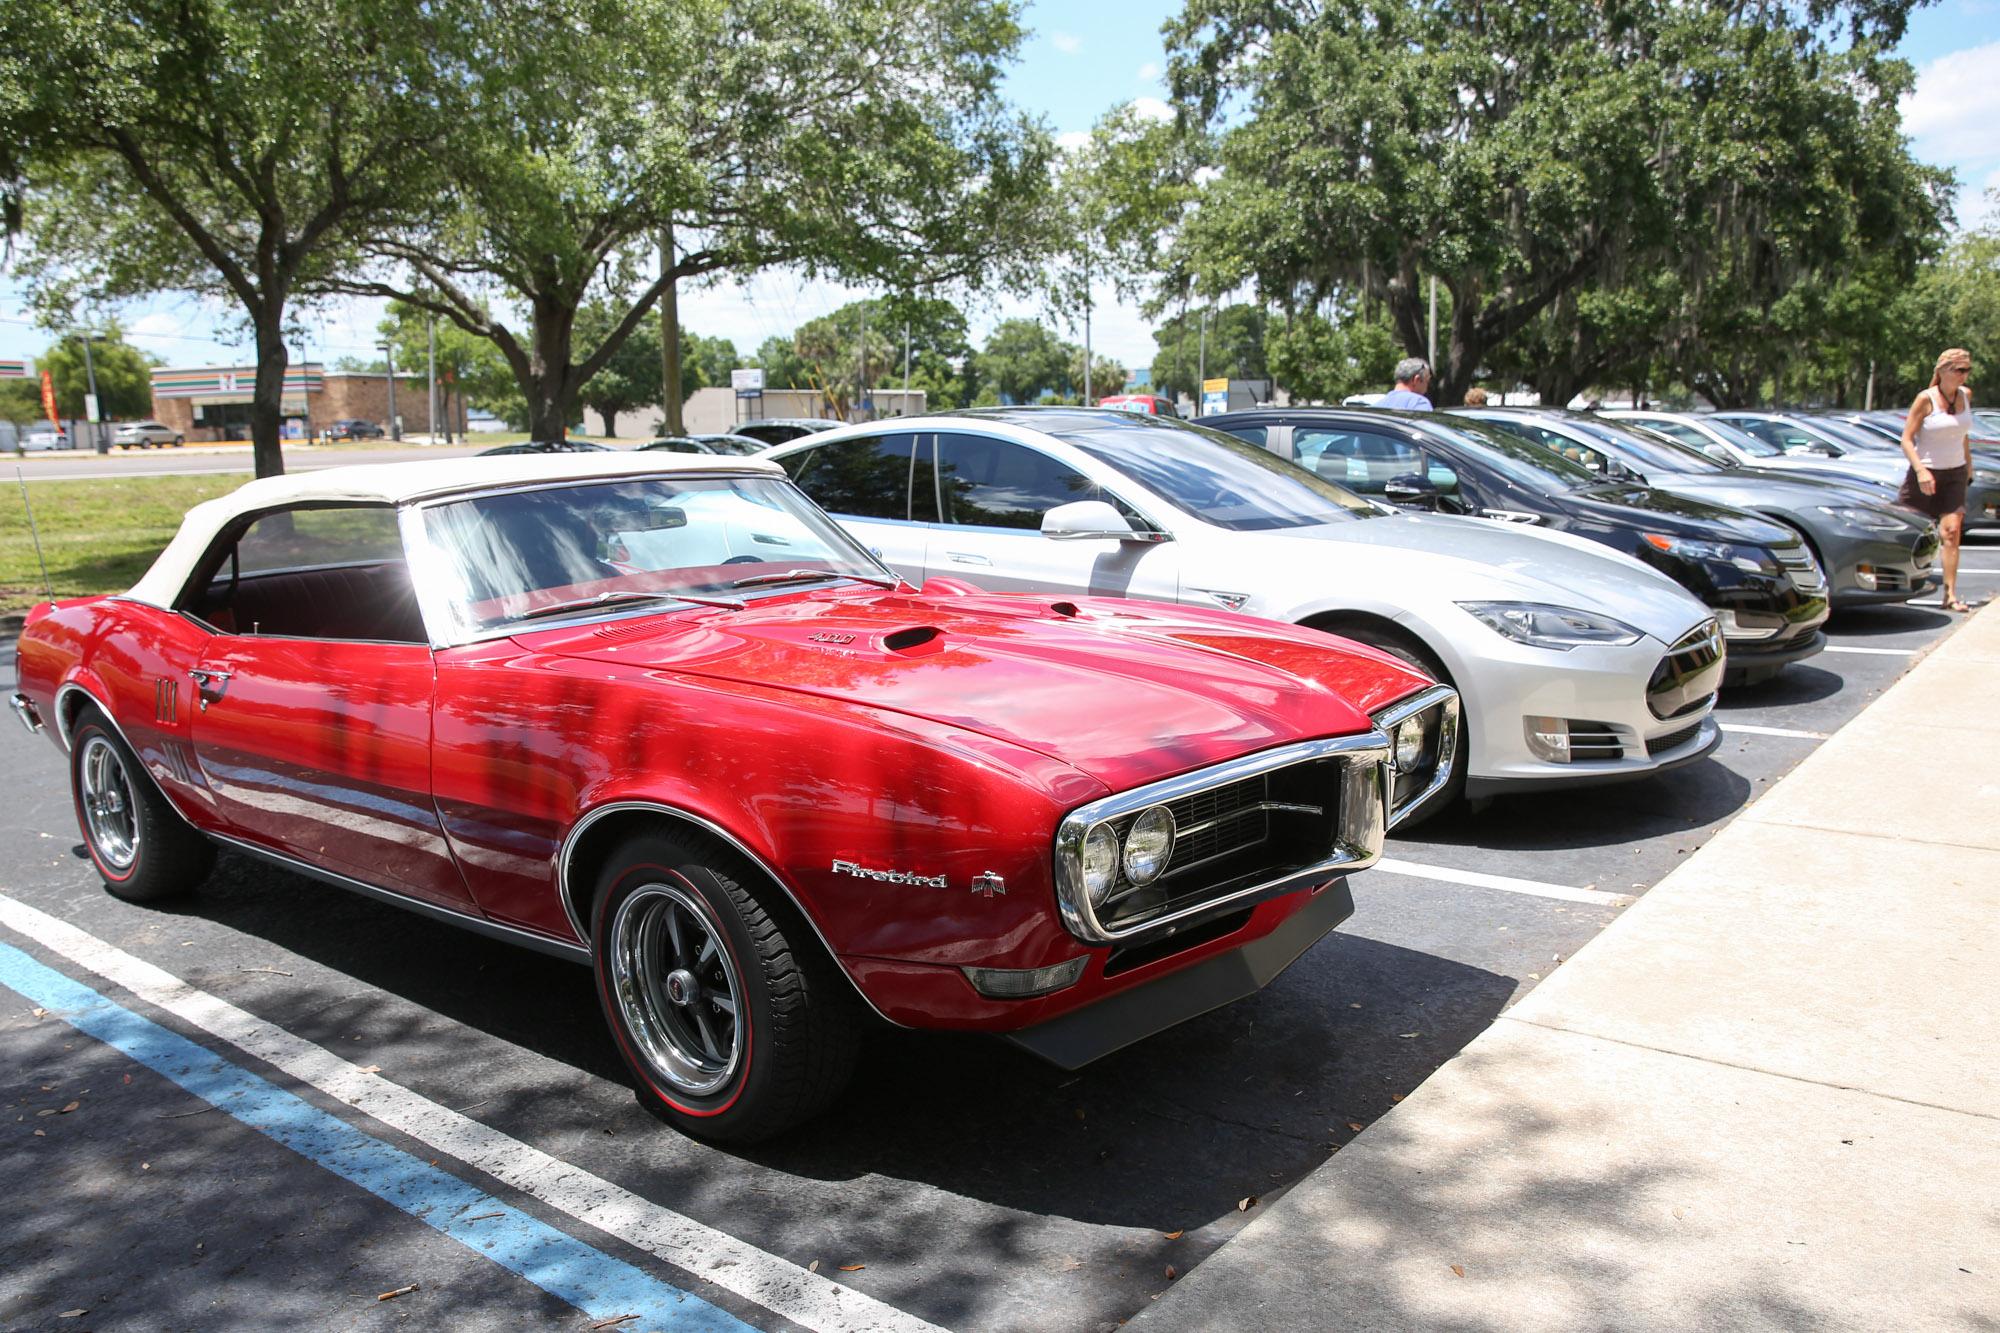 TeslaMotorsClub_Tampa_28APR13_0042.jpg